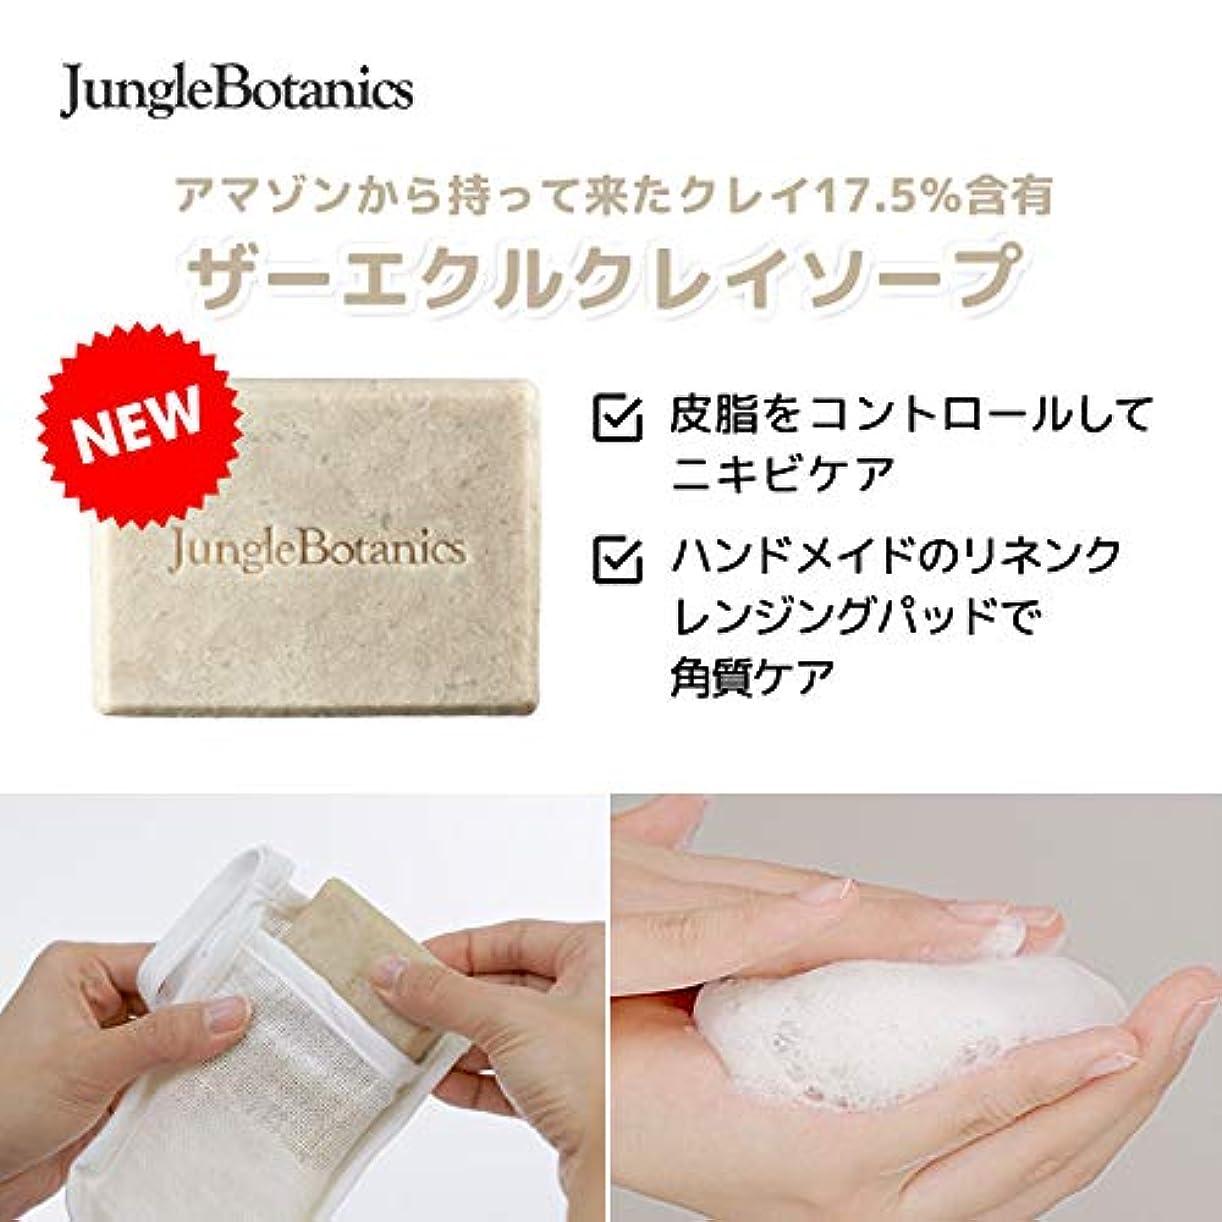 性交高齢者チャンバー[JUNGLE BOTANICS] ザーエクルクレイソープ110g, [JUNGLE BOTANICS] The Ecru Clay Soap 110g [並行輸入品] …